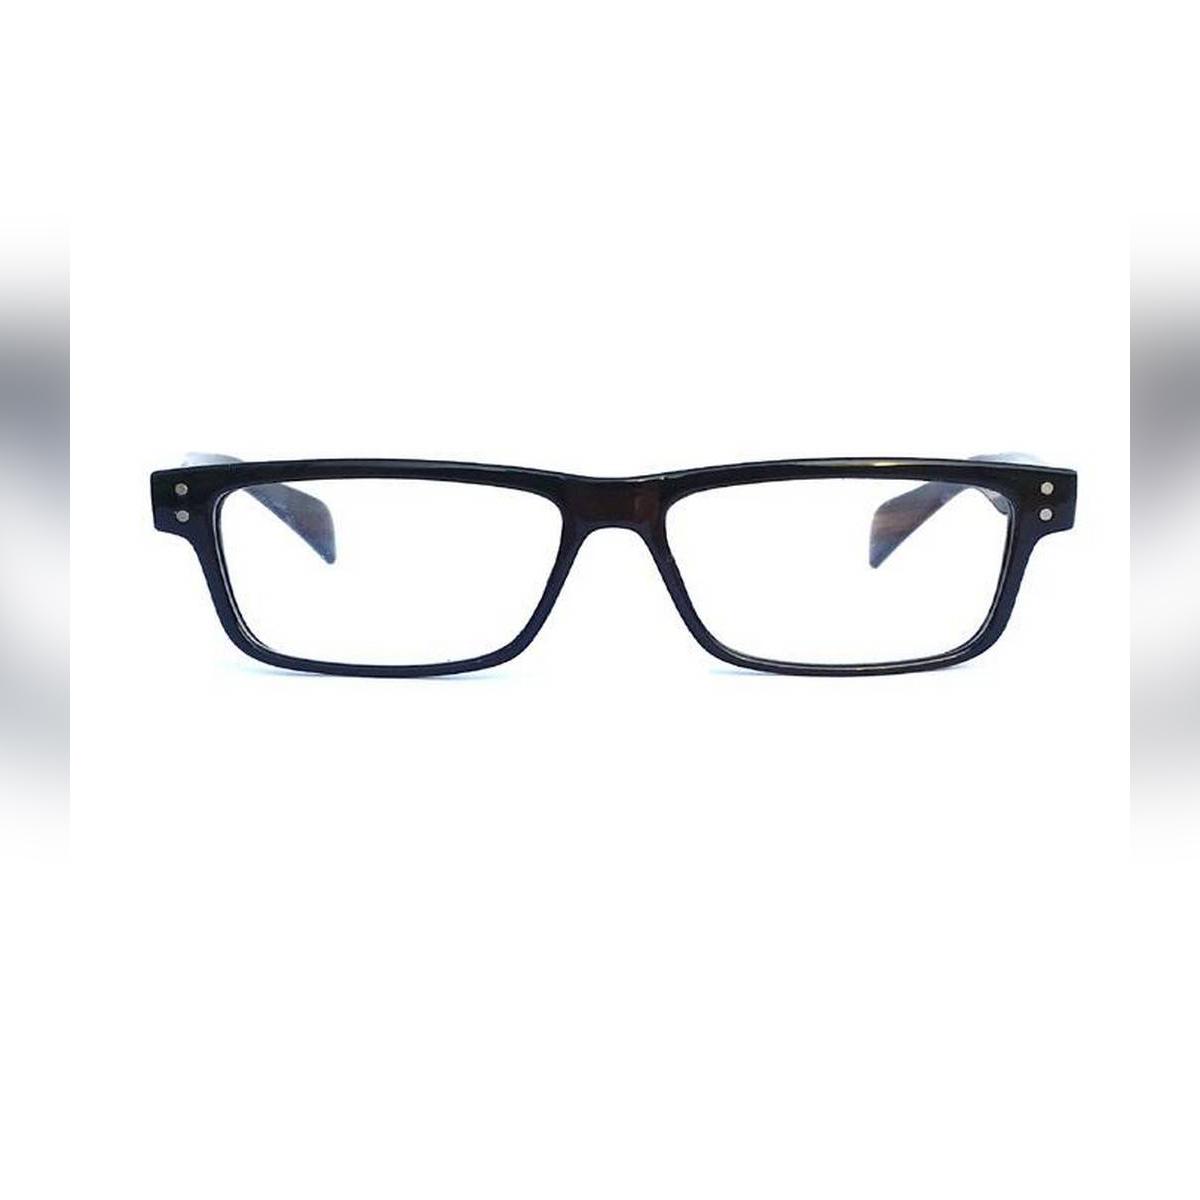 Black Frame Clear Lens Frame Glasses For Men And Women